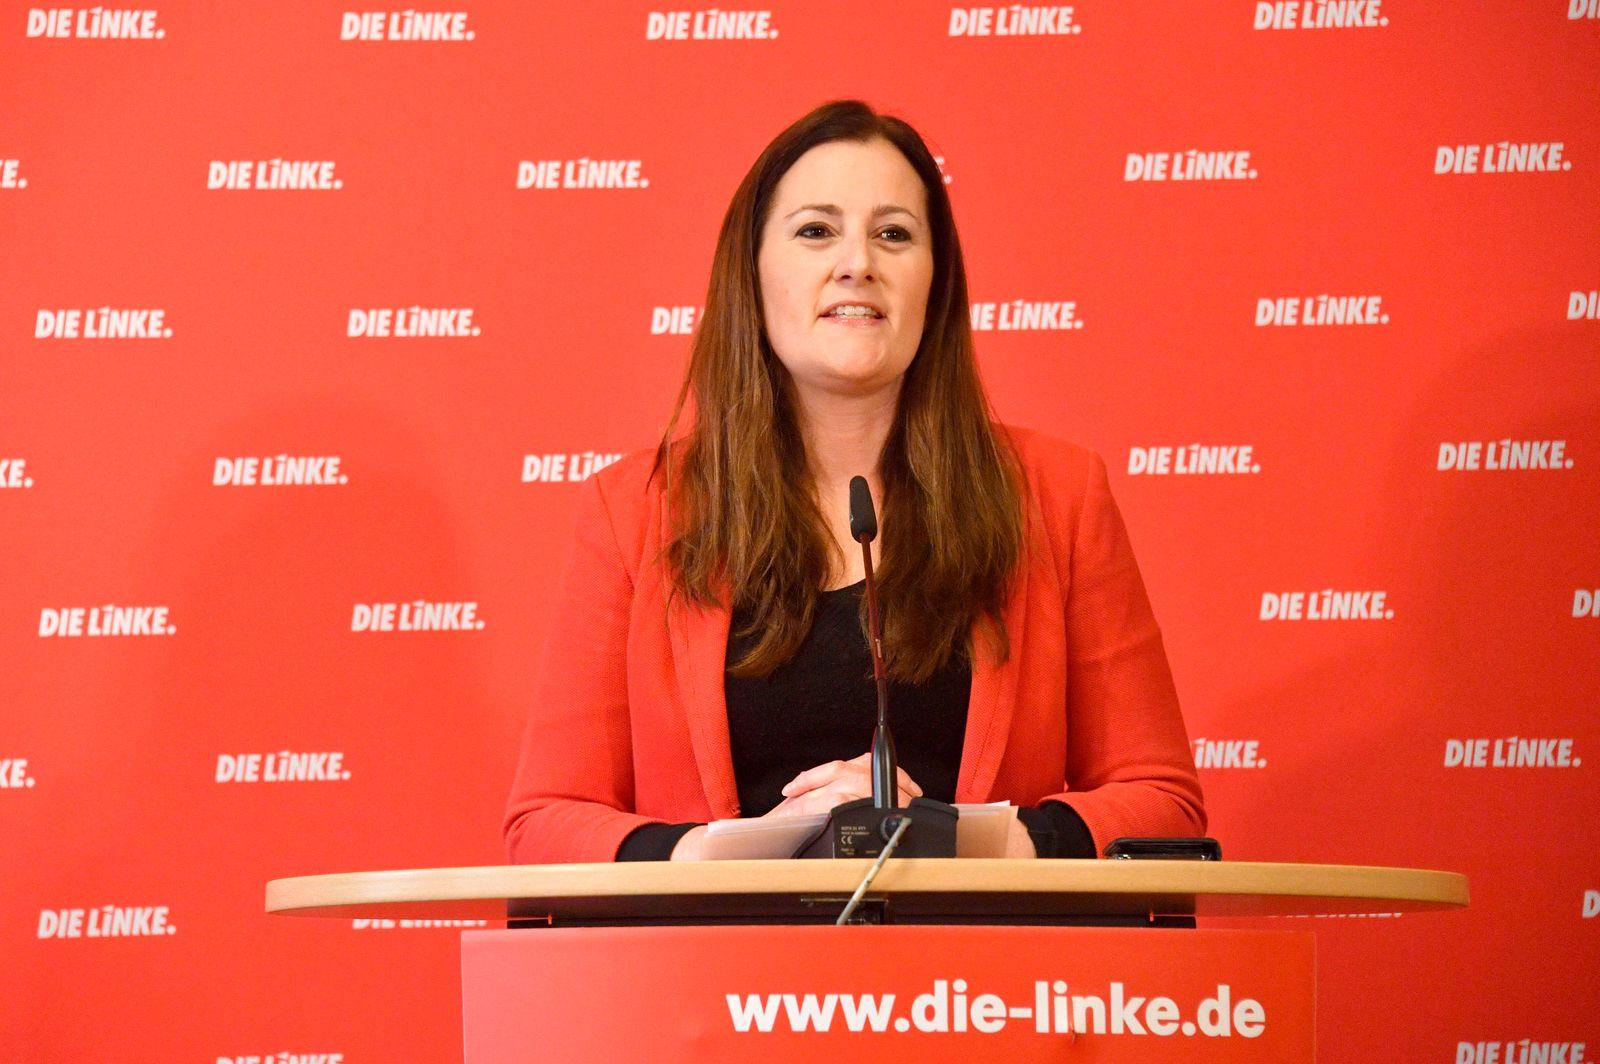 Janine Wissler bei der Pressekonferenz der Partei Die Linke zu aktuellen politischen Themen im Karl-Liebknecht Haus. Be